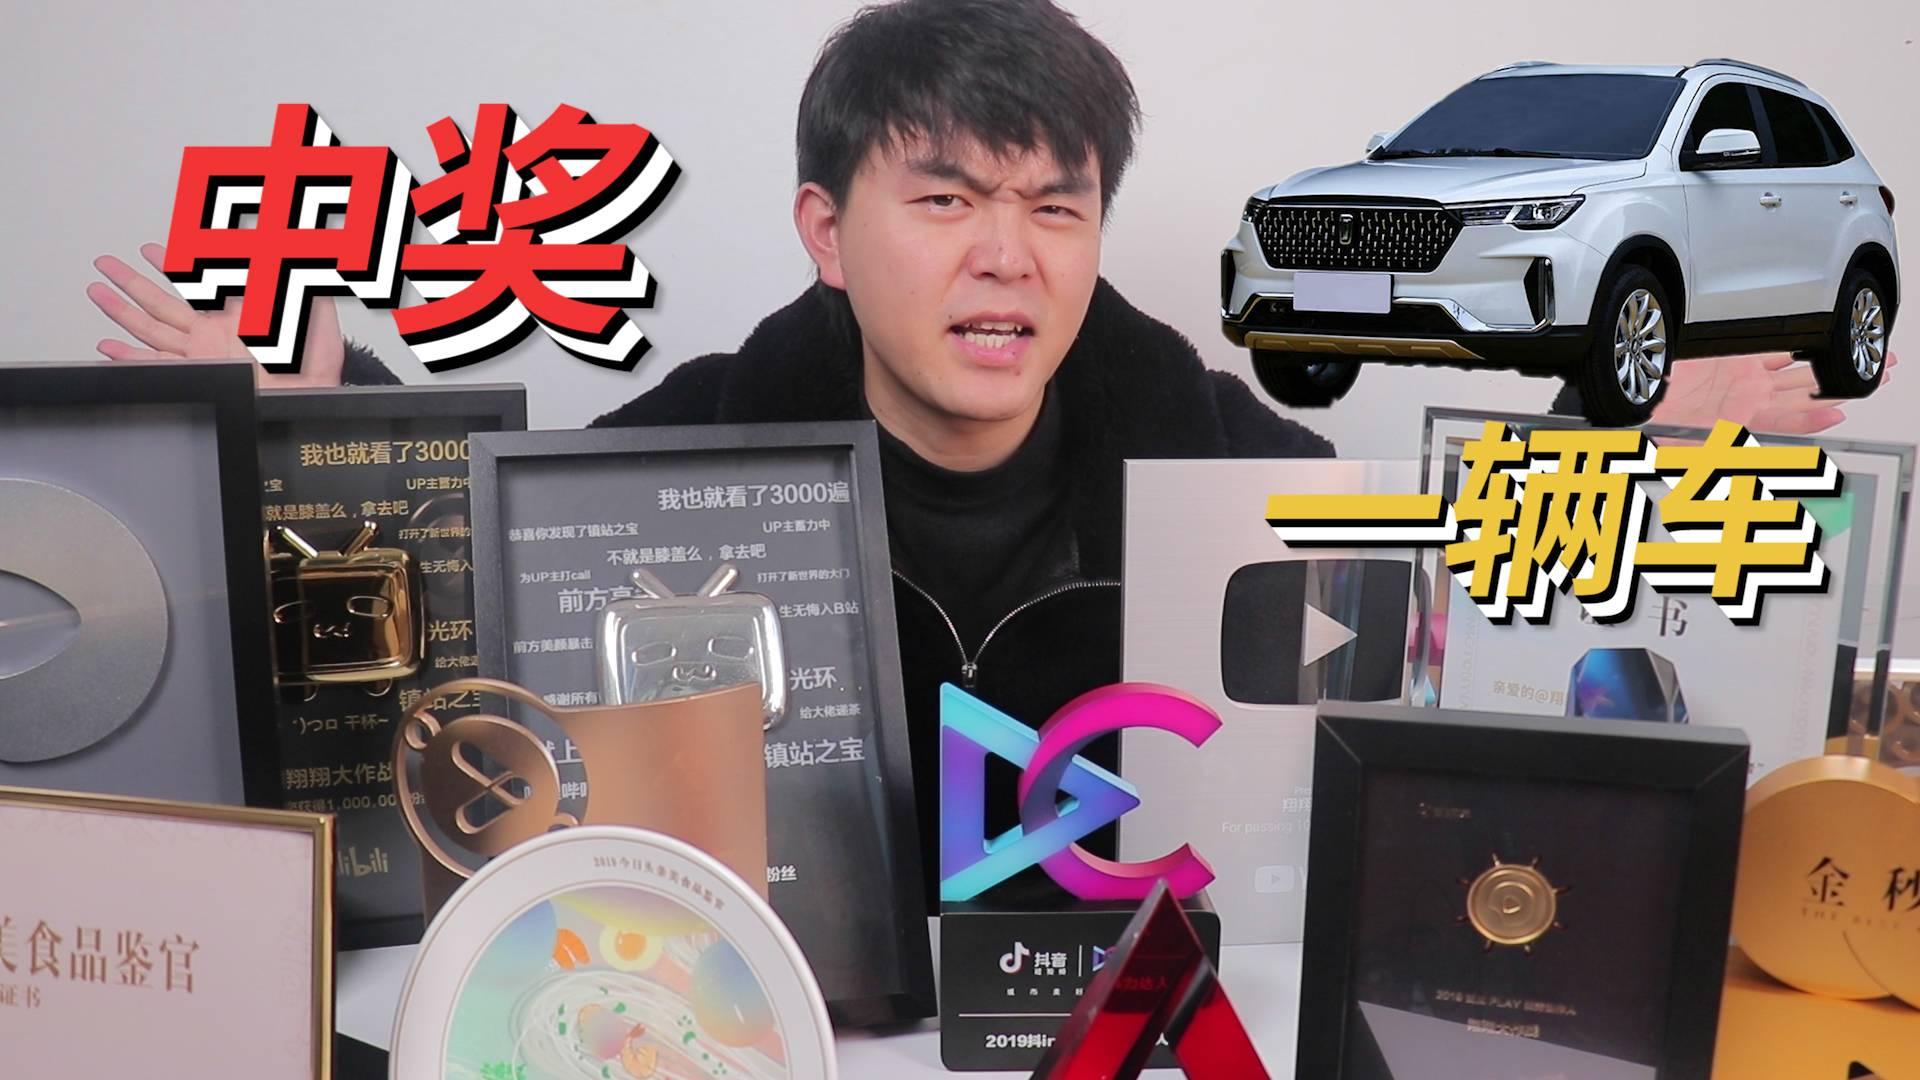 2019年小翔哥不仅得了这么多奖杯,竟还中奖得了一辆车